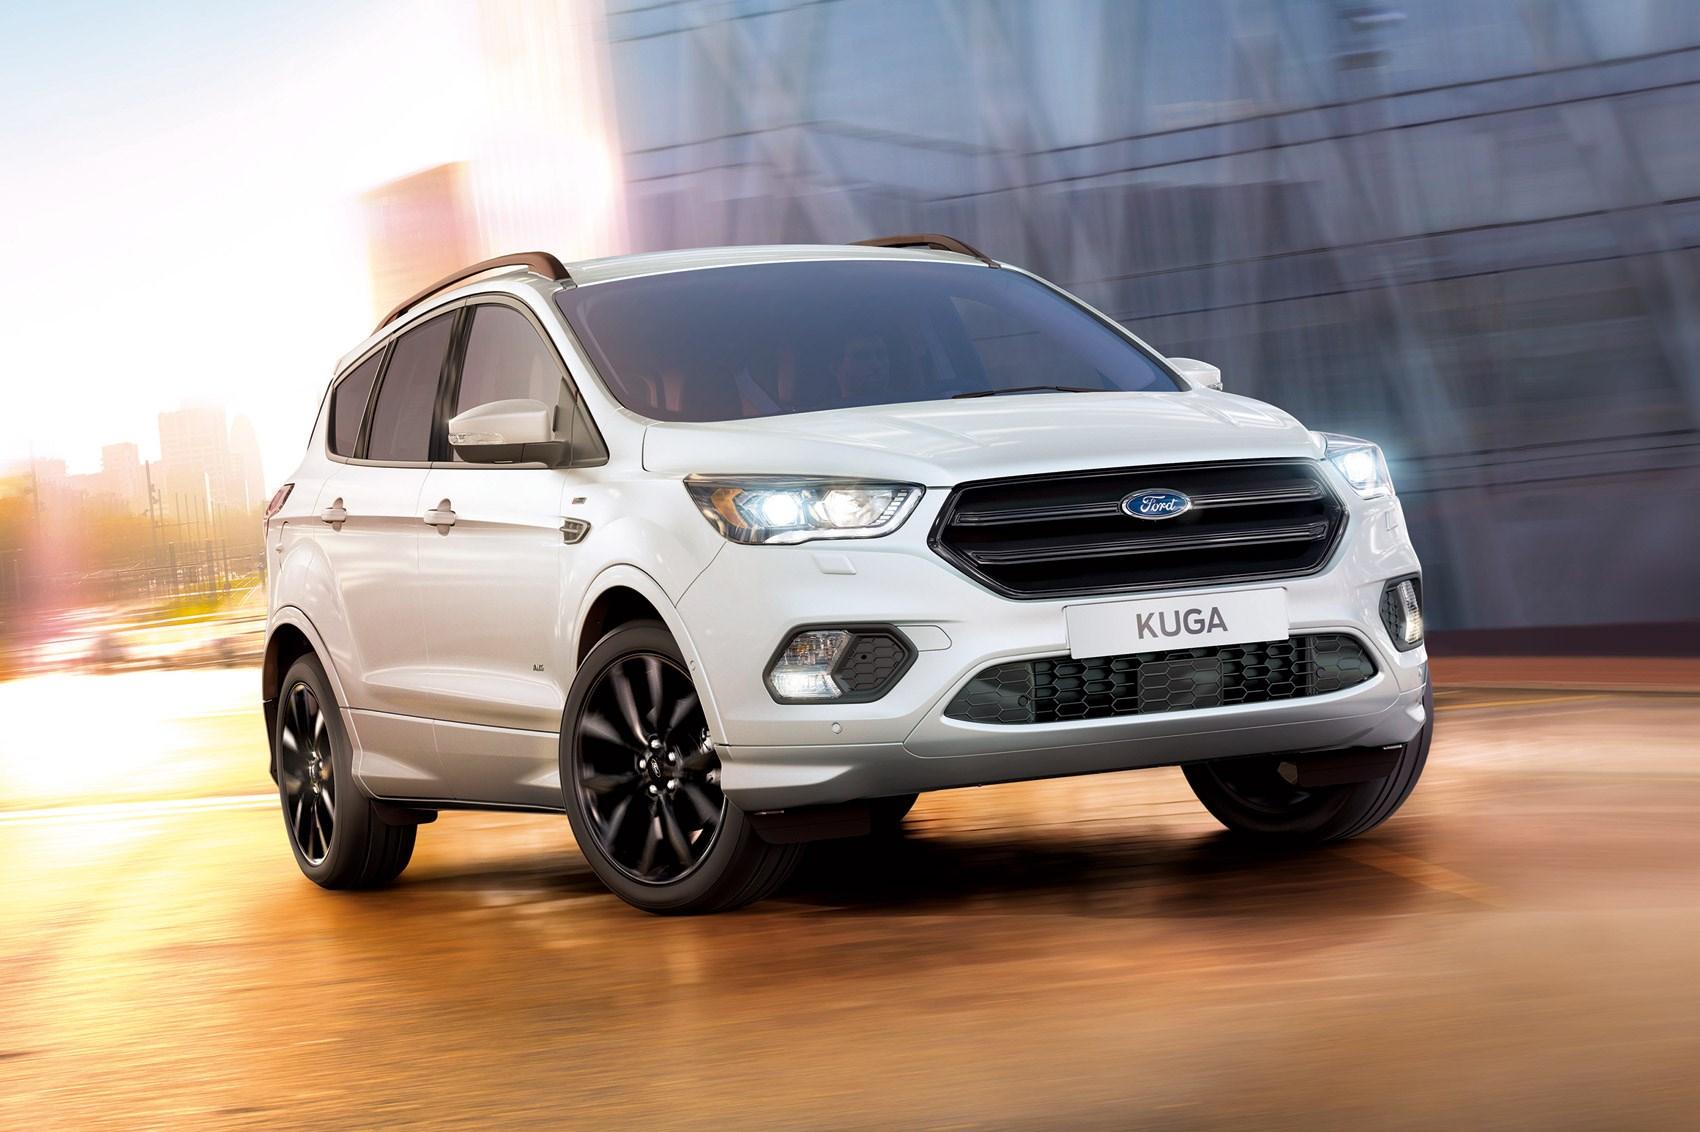 Ford Kuga ST Line (182PS) mit Automatik für 179€ / Monat im Gewerbeleasing mit LF 0,51 für 36 Monate und 10k km p.a.